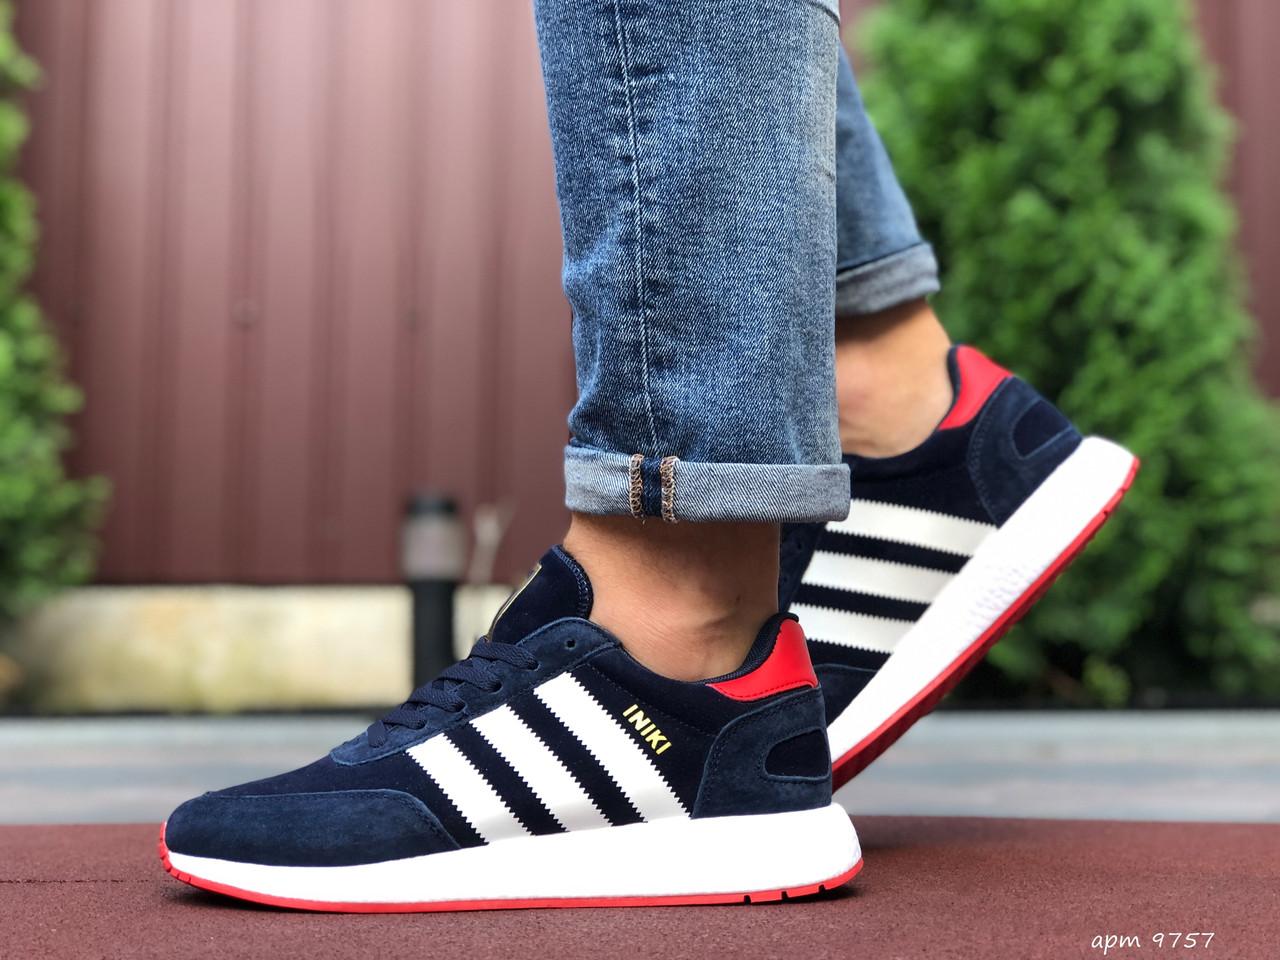 Мужские кроссовки Adidas Iniki,замшевые,темно синие с белым